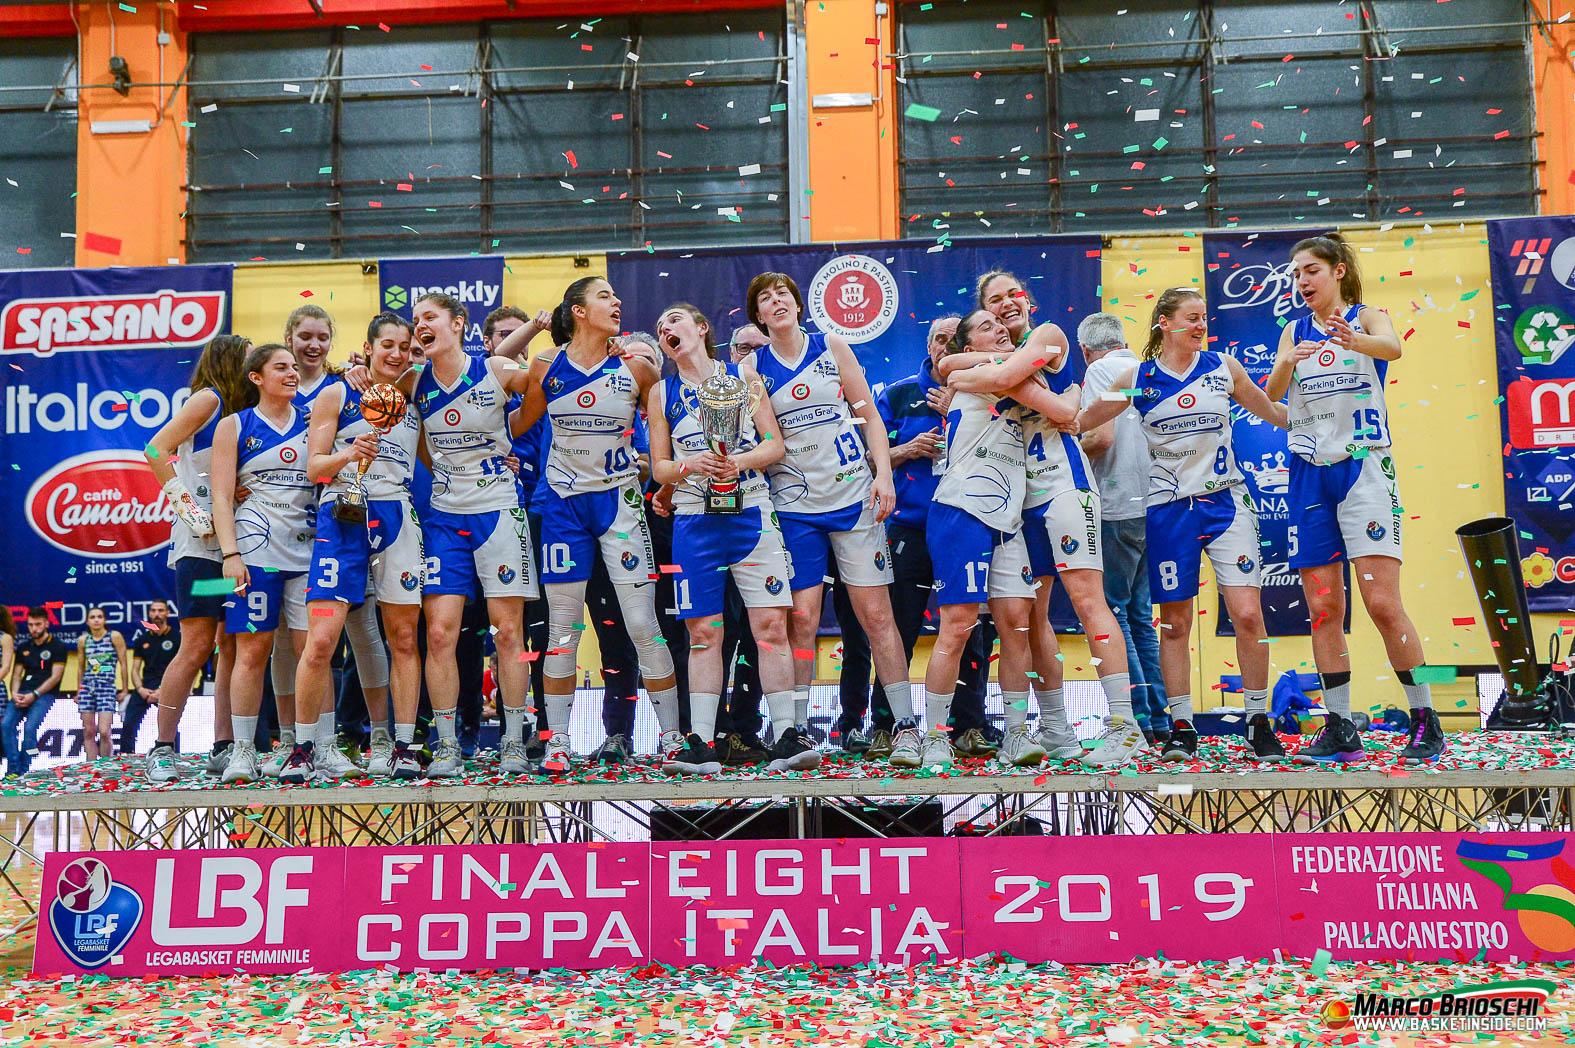 BASKET TEAM CREMA CAMPIONE IN COPPA ITALIA A2! LA FESTA E I NUOVI OBIETTIVI